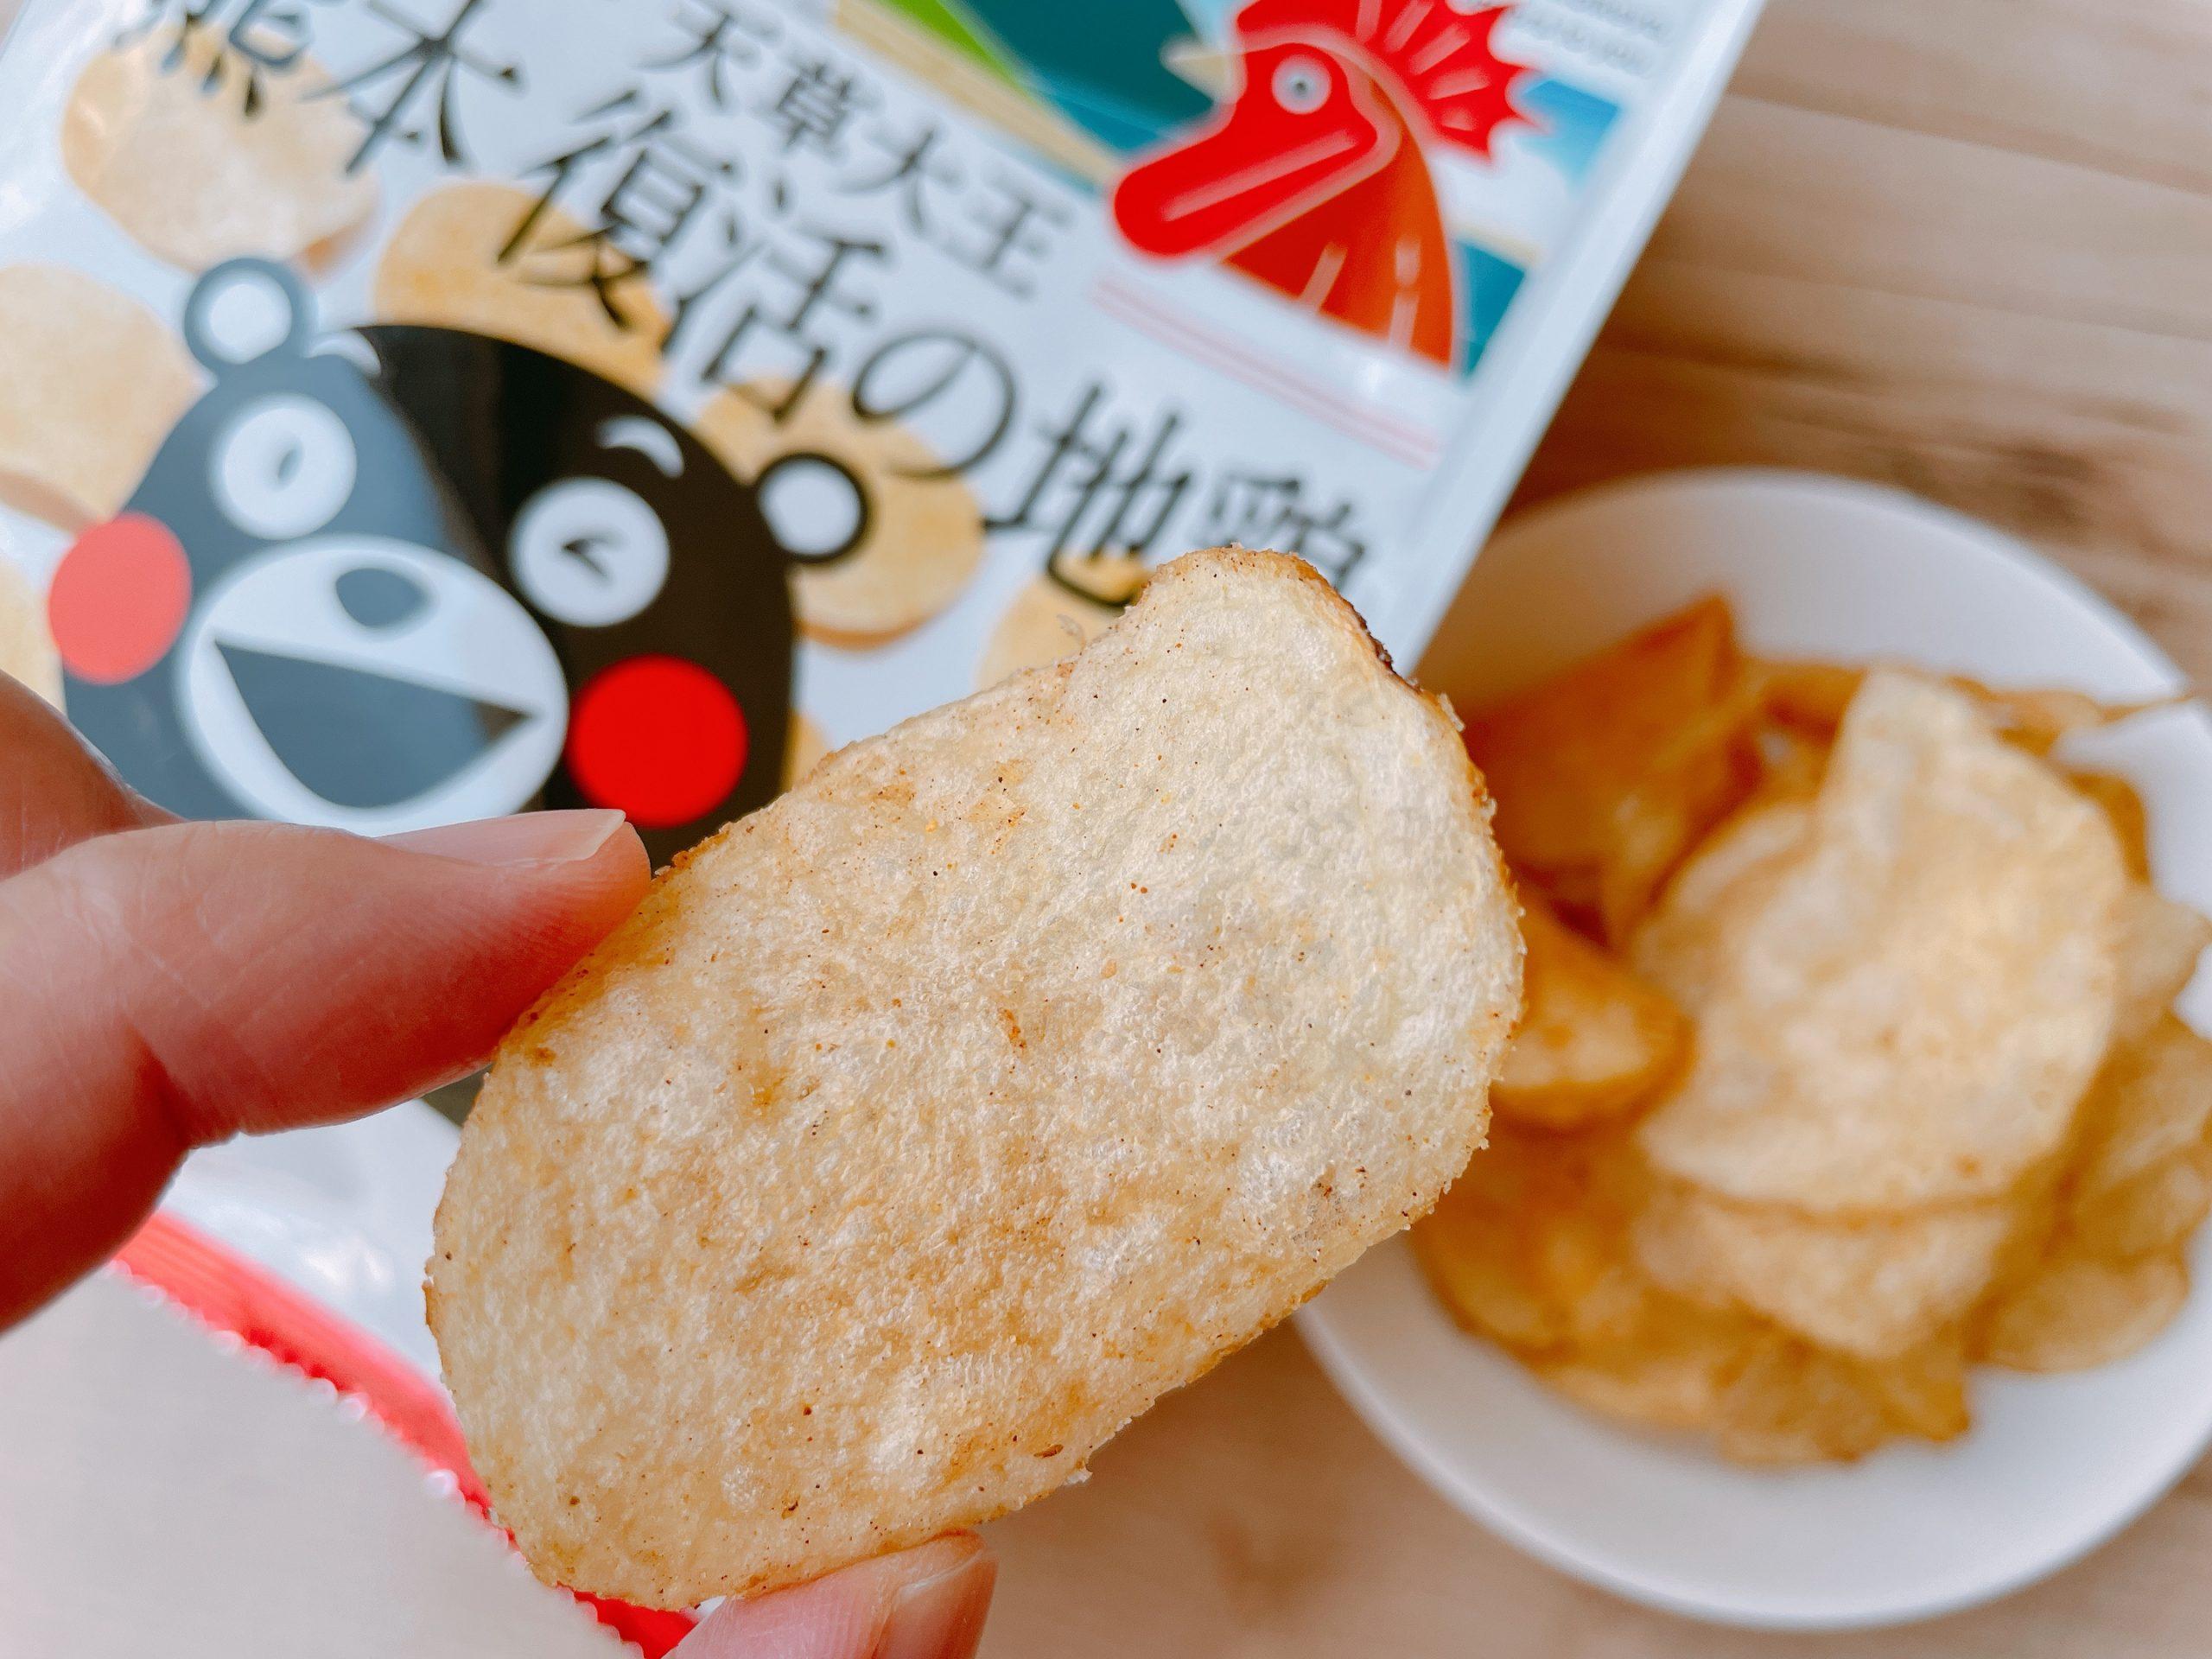 プライドポテト<熊本 復活の地鶏>は、かなり尖った味